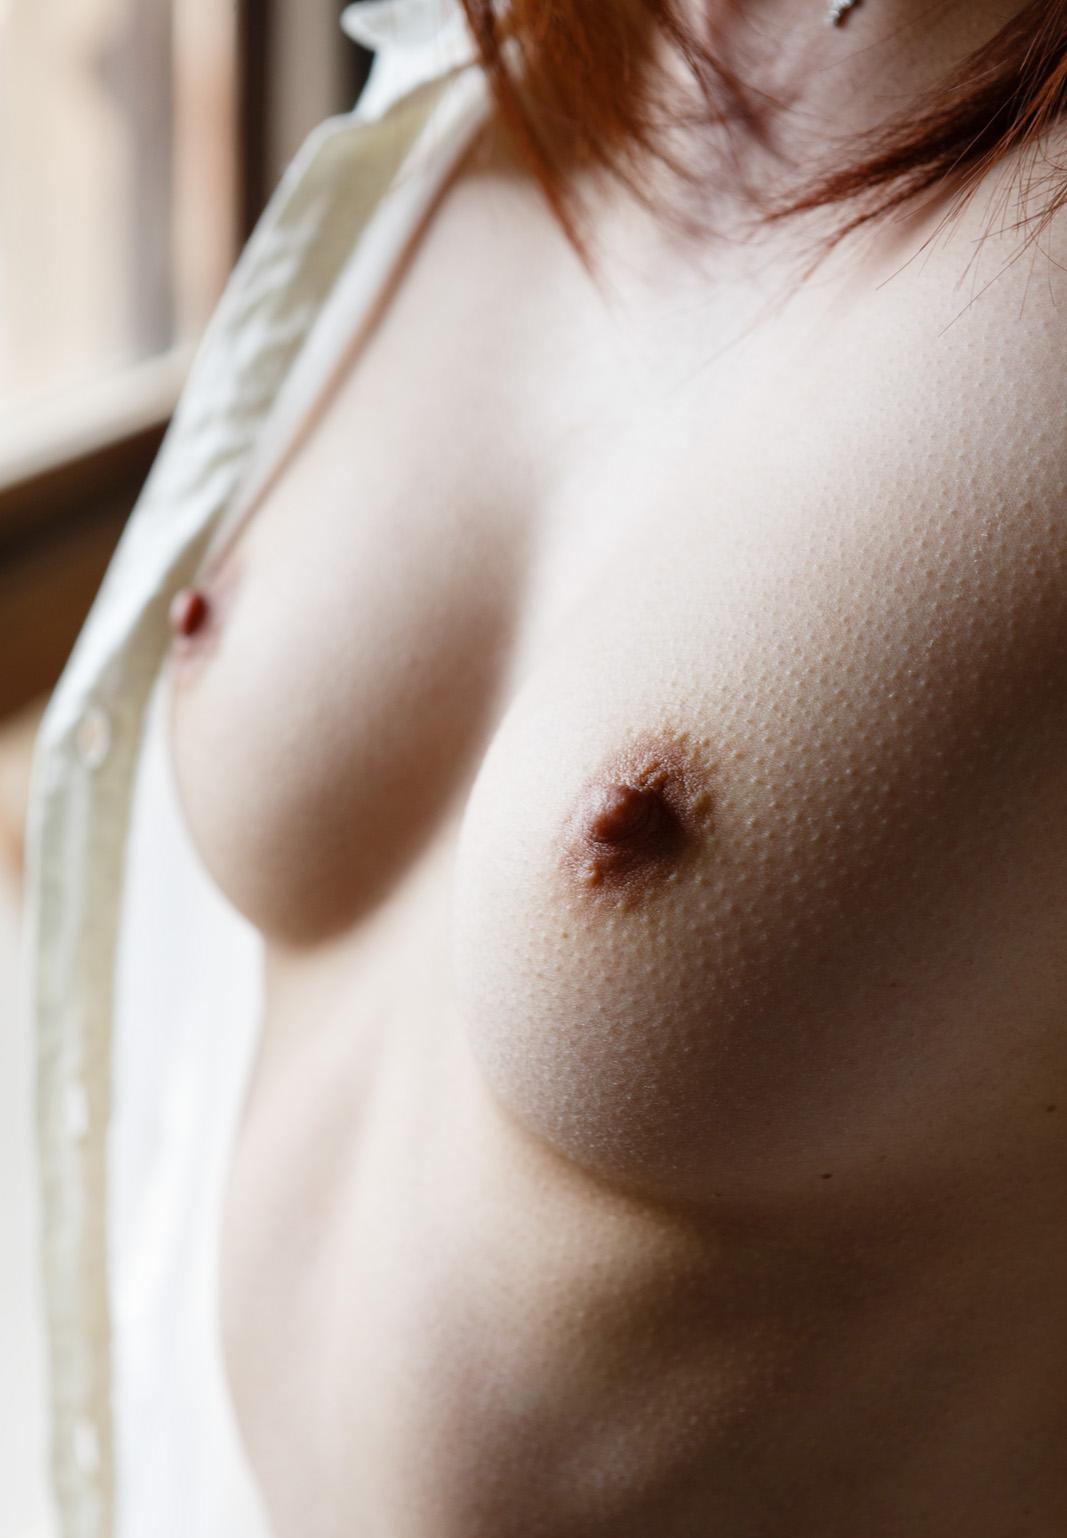 AV女優 MIYABI 画像 57